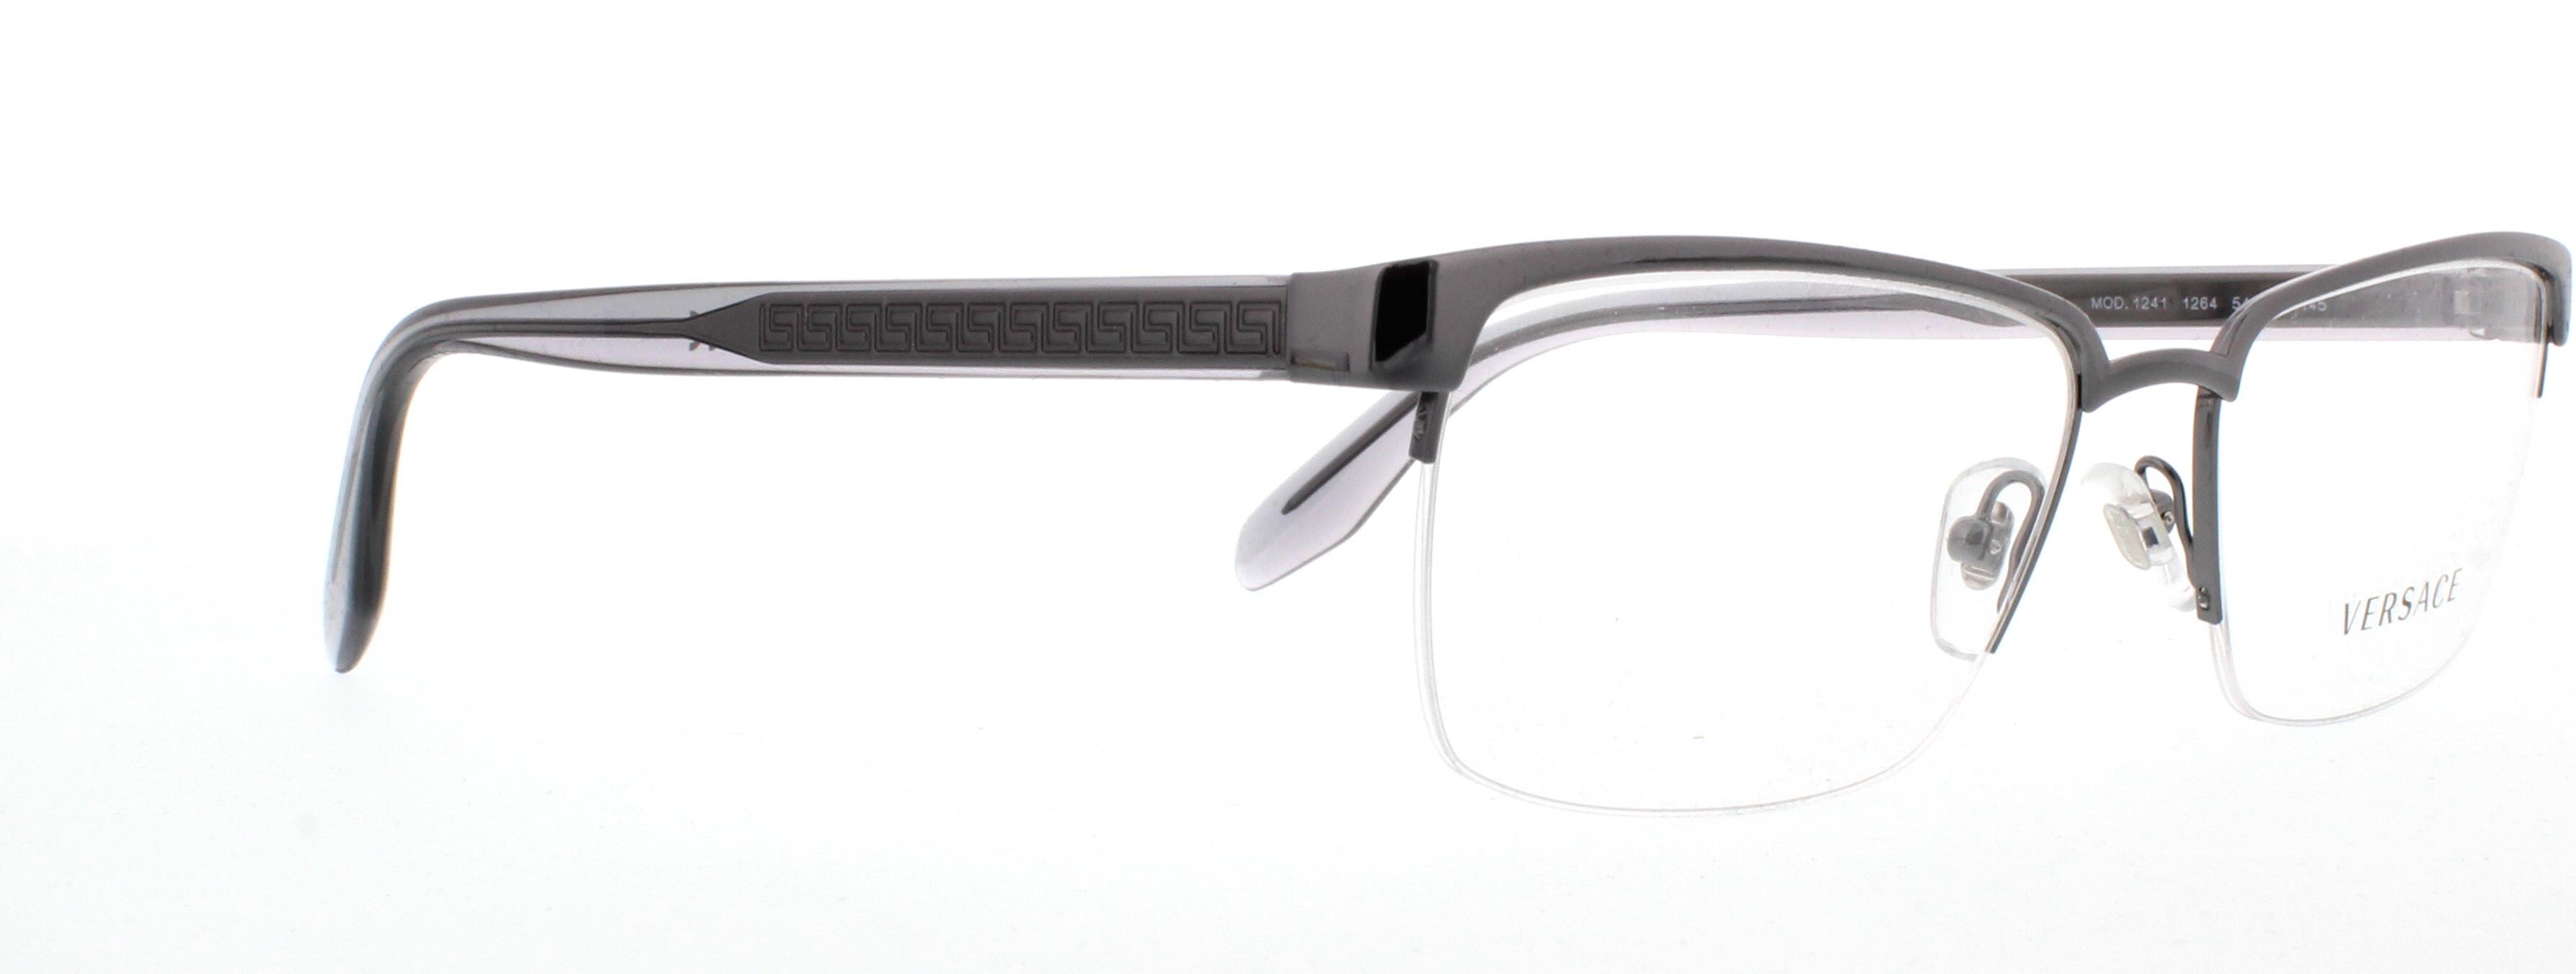 8e1a5c57bf7 Designer Frames Outlet. Versace VE1241